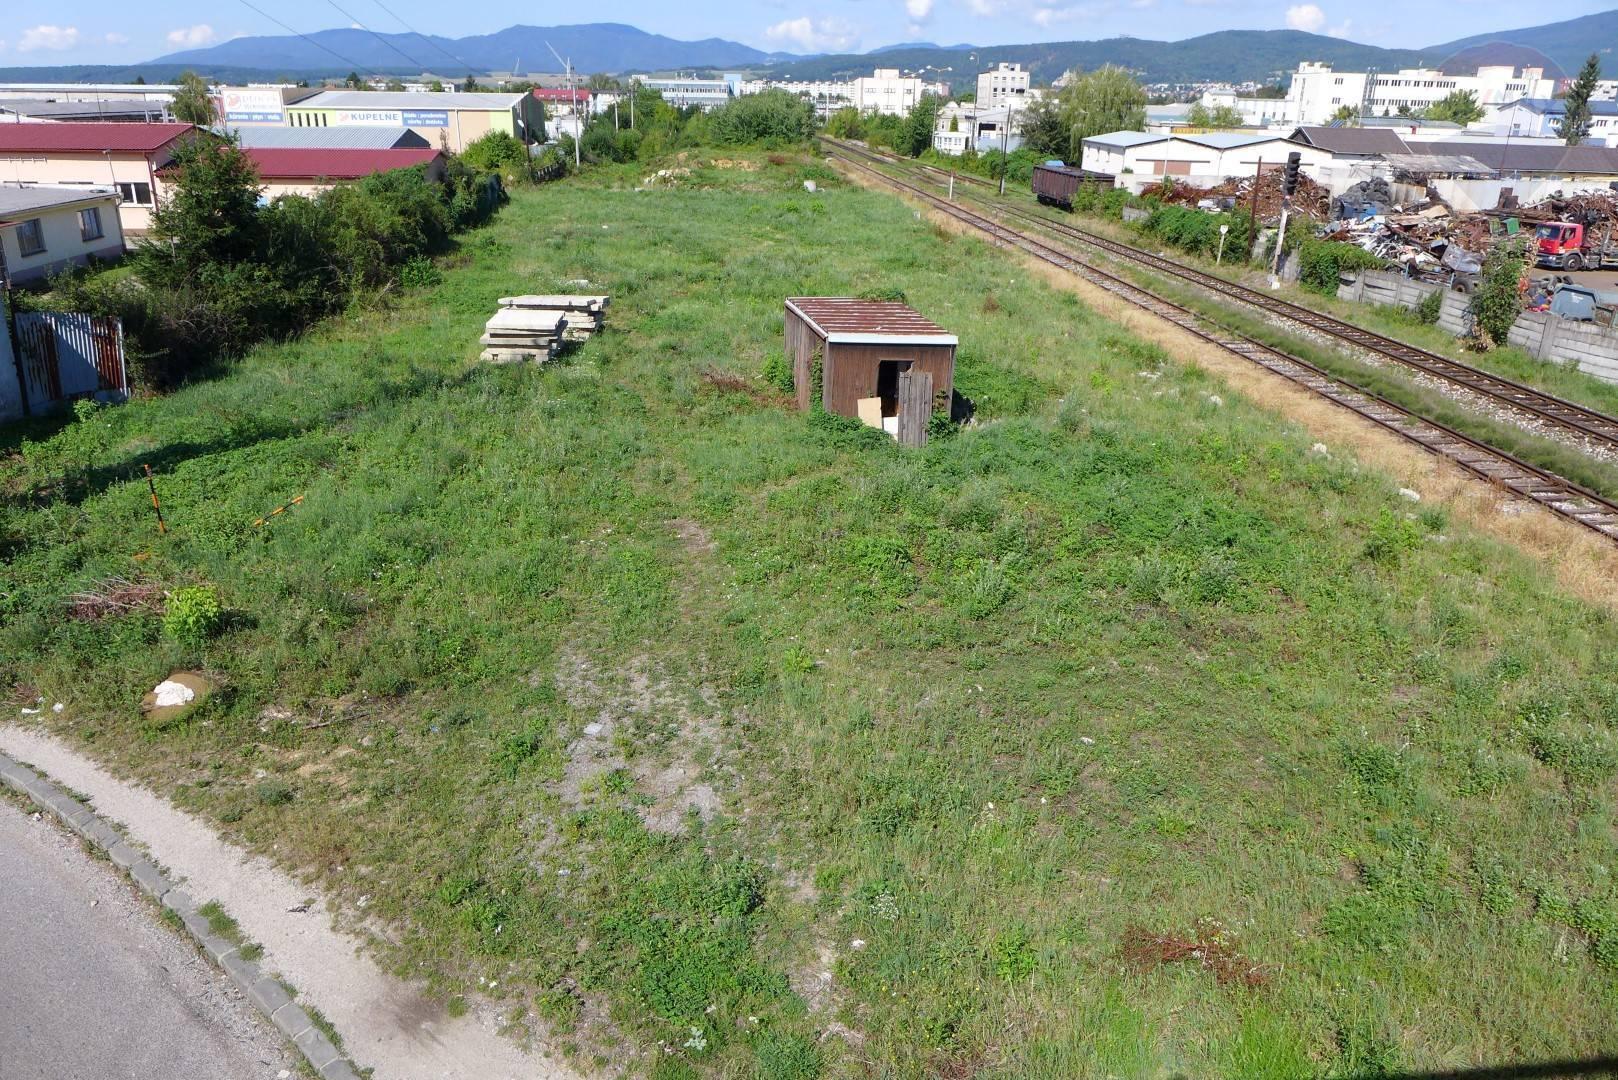 PREDAJ - Komerčný pozemok  8718 m2, priemyselná časť mesta s dobrou dostupnosťou - PRIEVIDZA